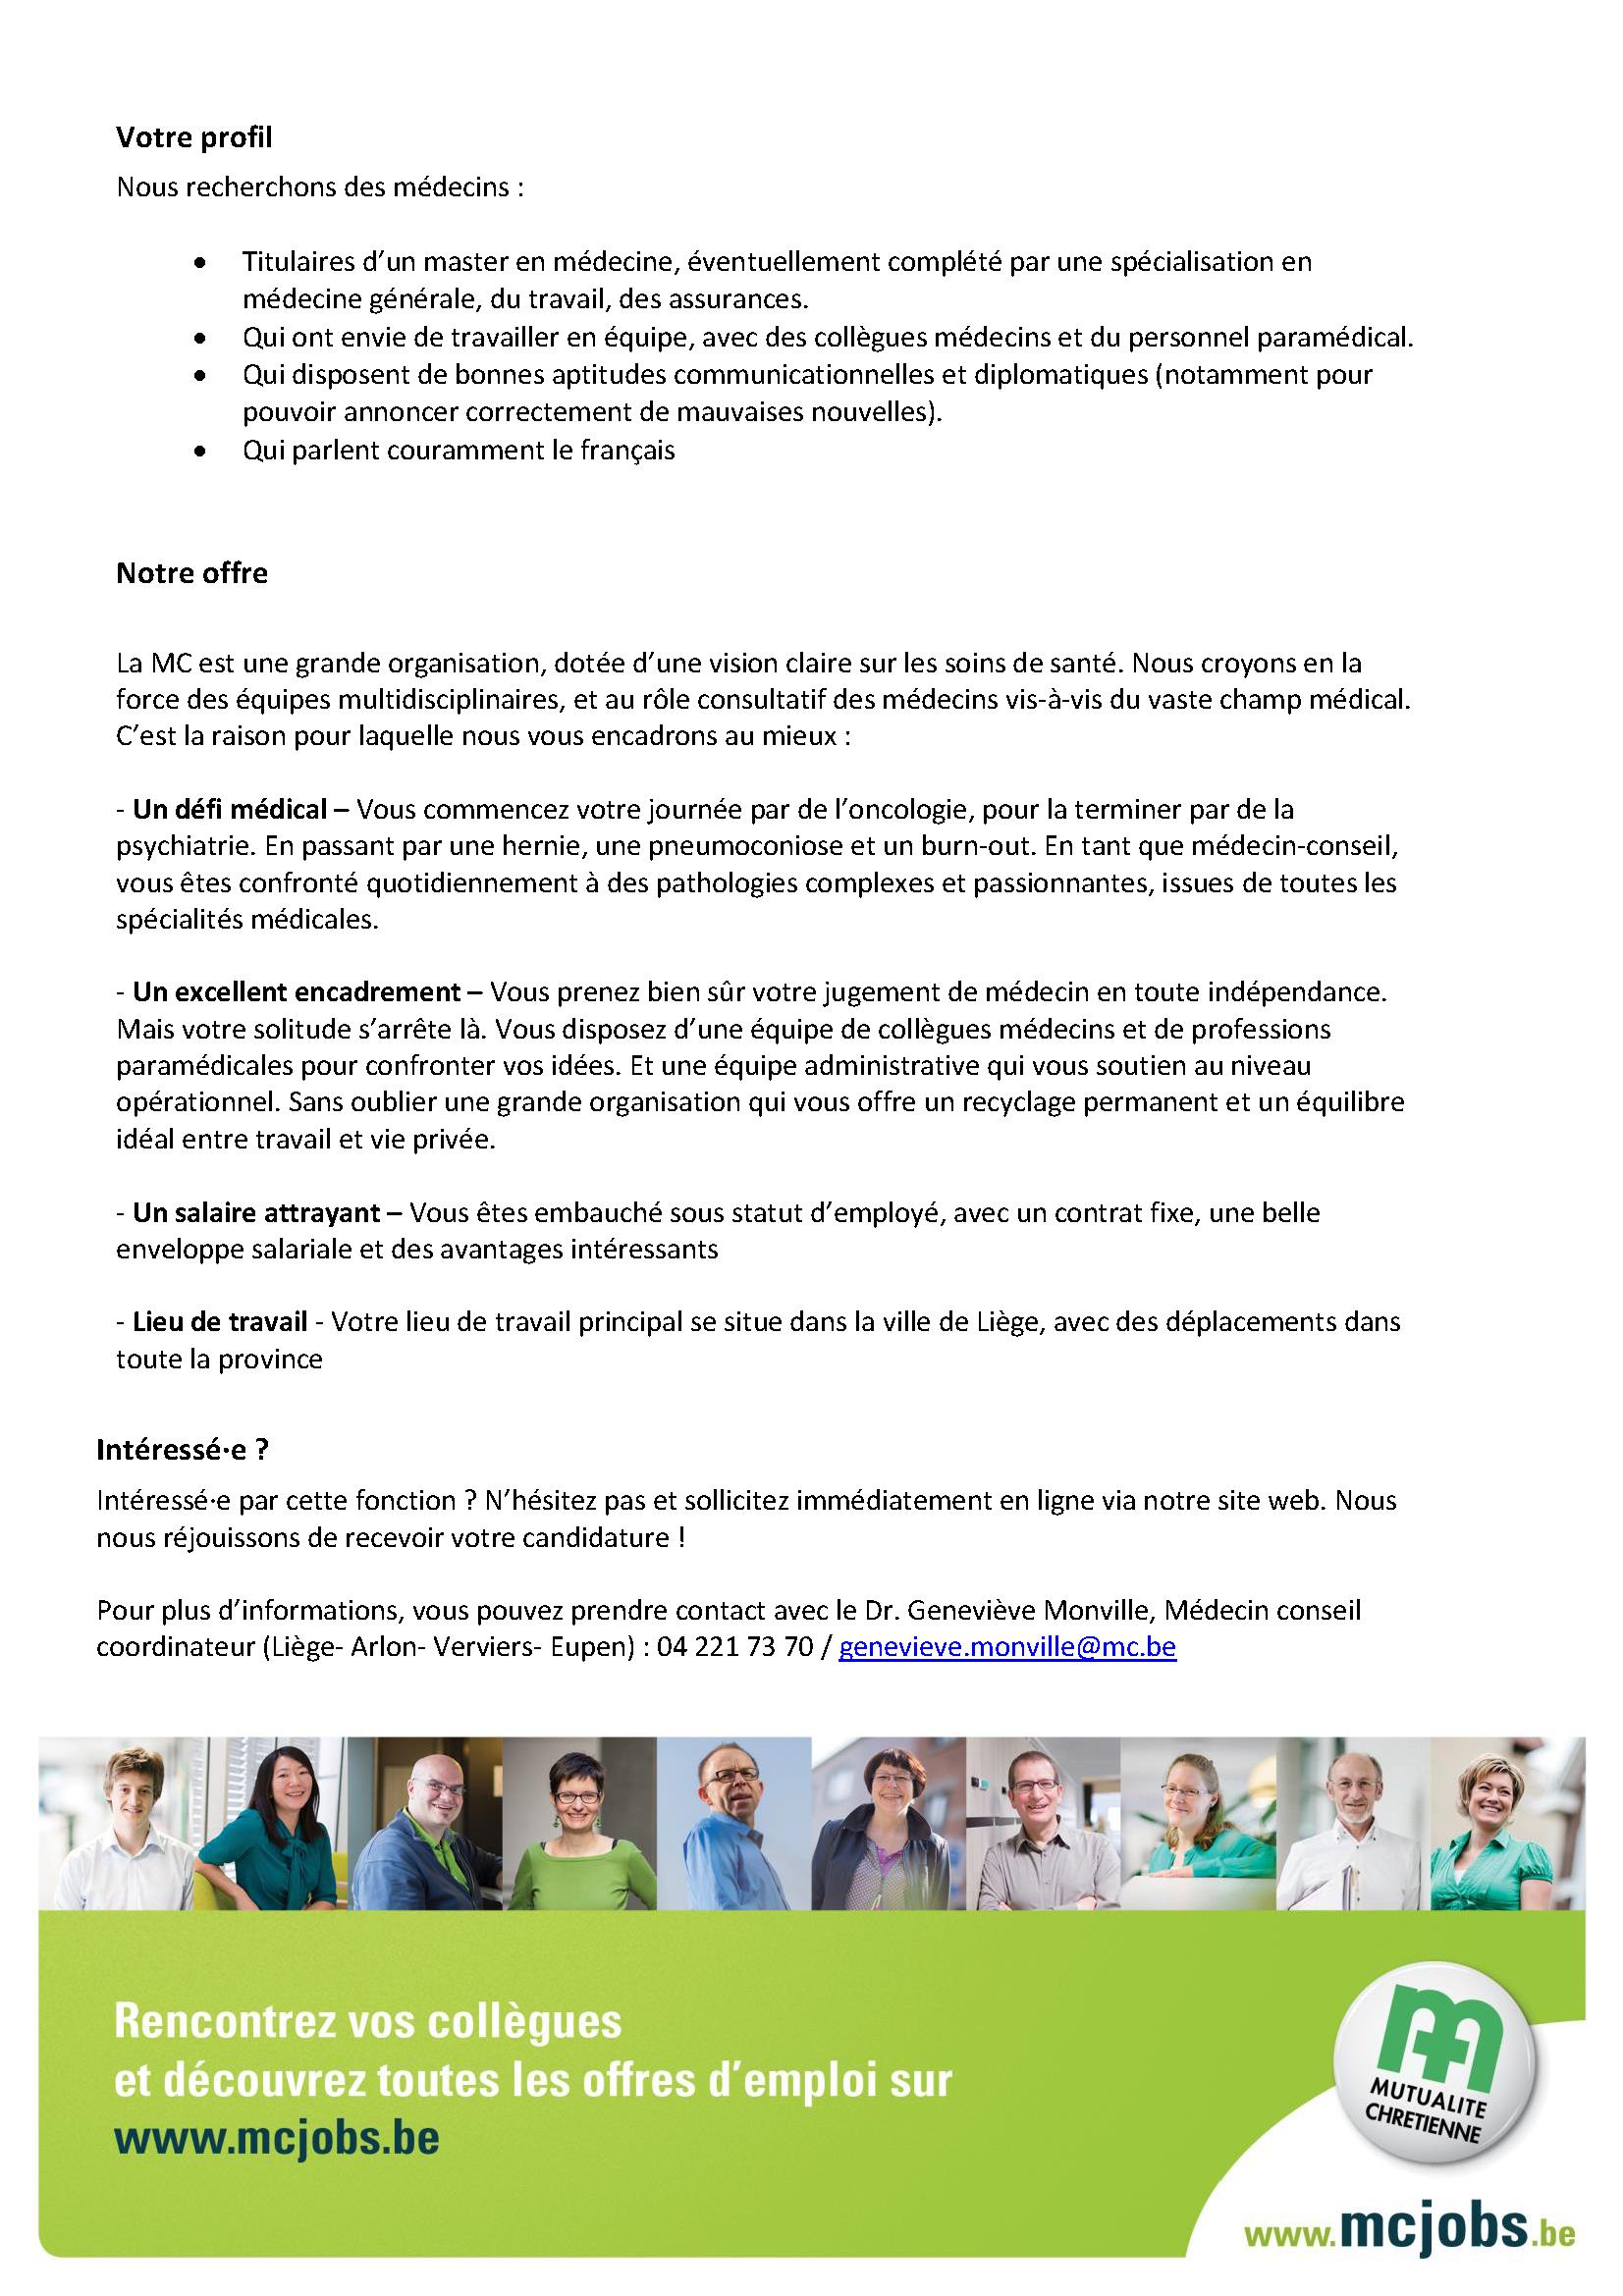 Offre d'emploi MC Liège 2